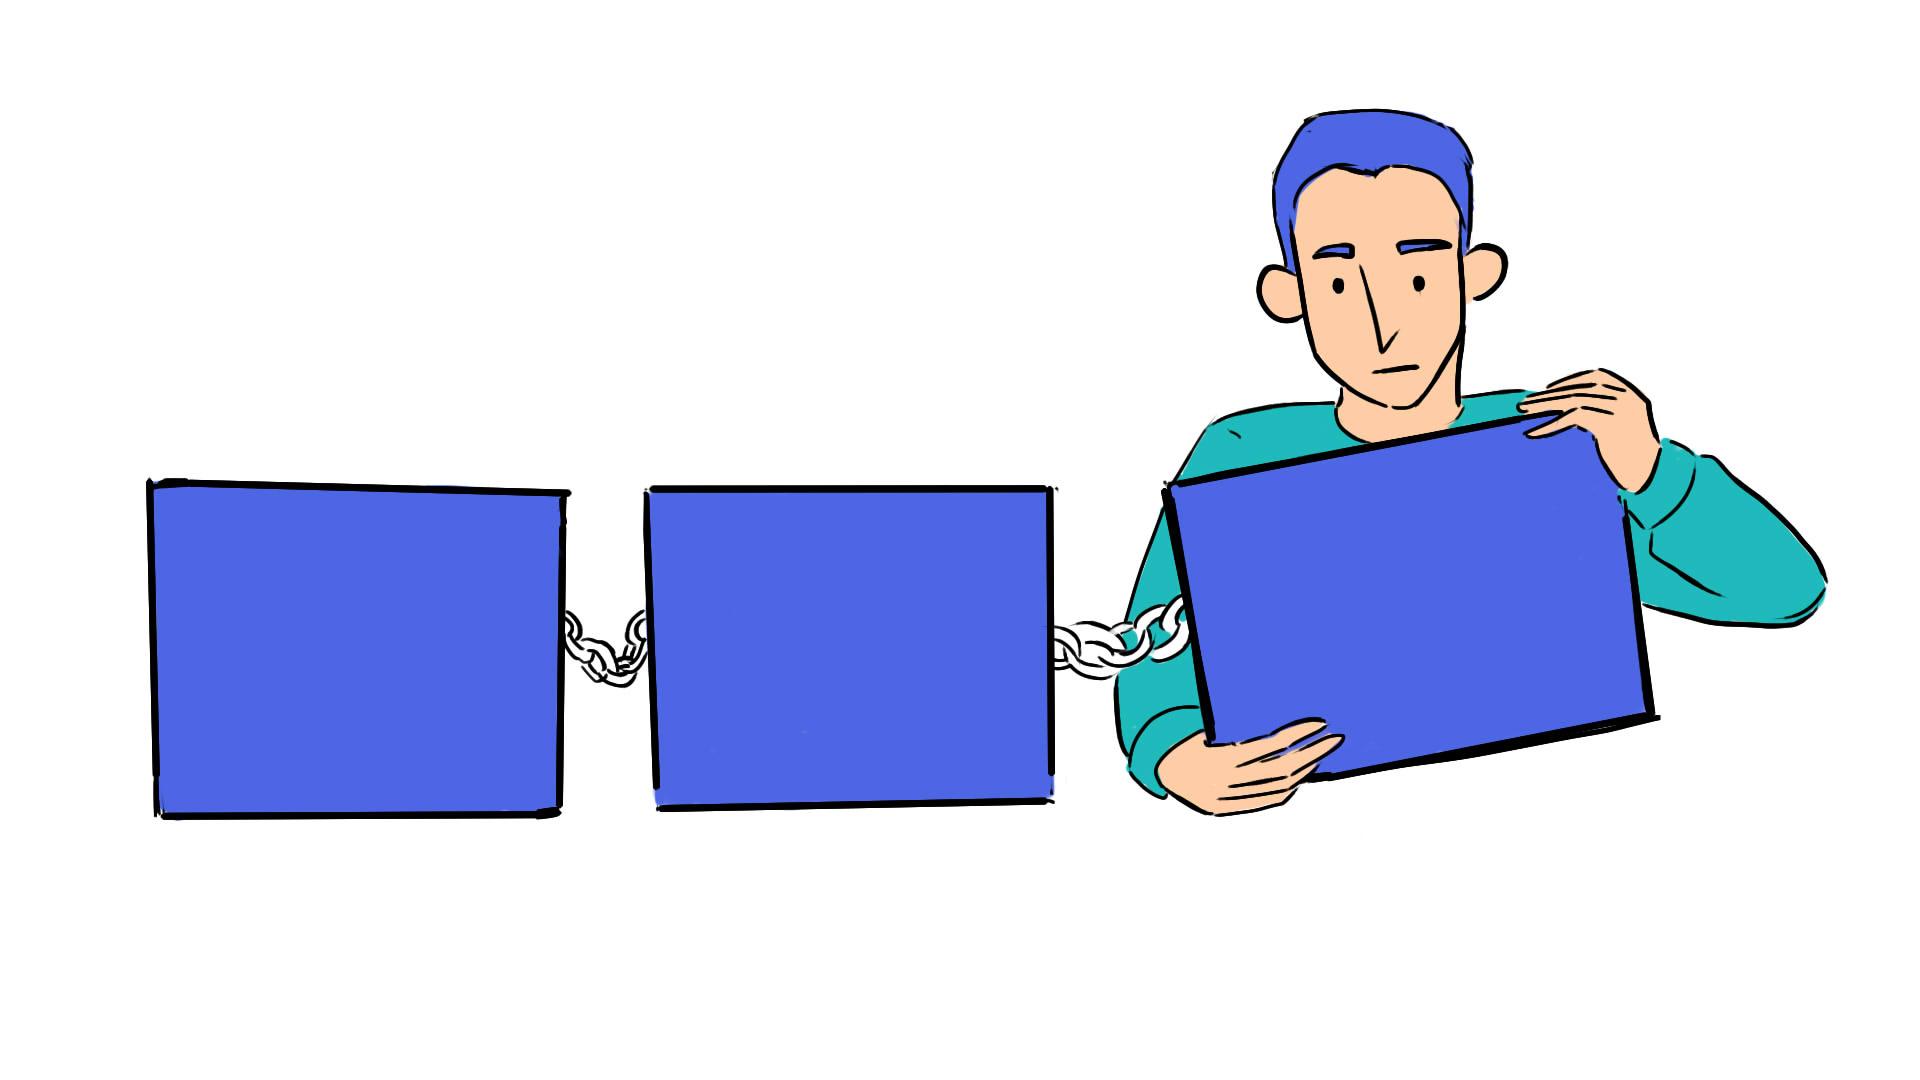 Страхование плюс Блокчейн - что это, новые возможности или хайп? (1 часть)